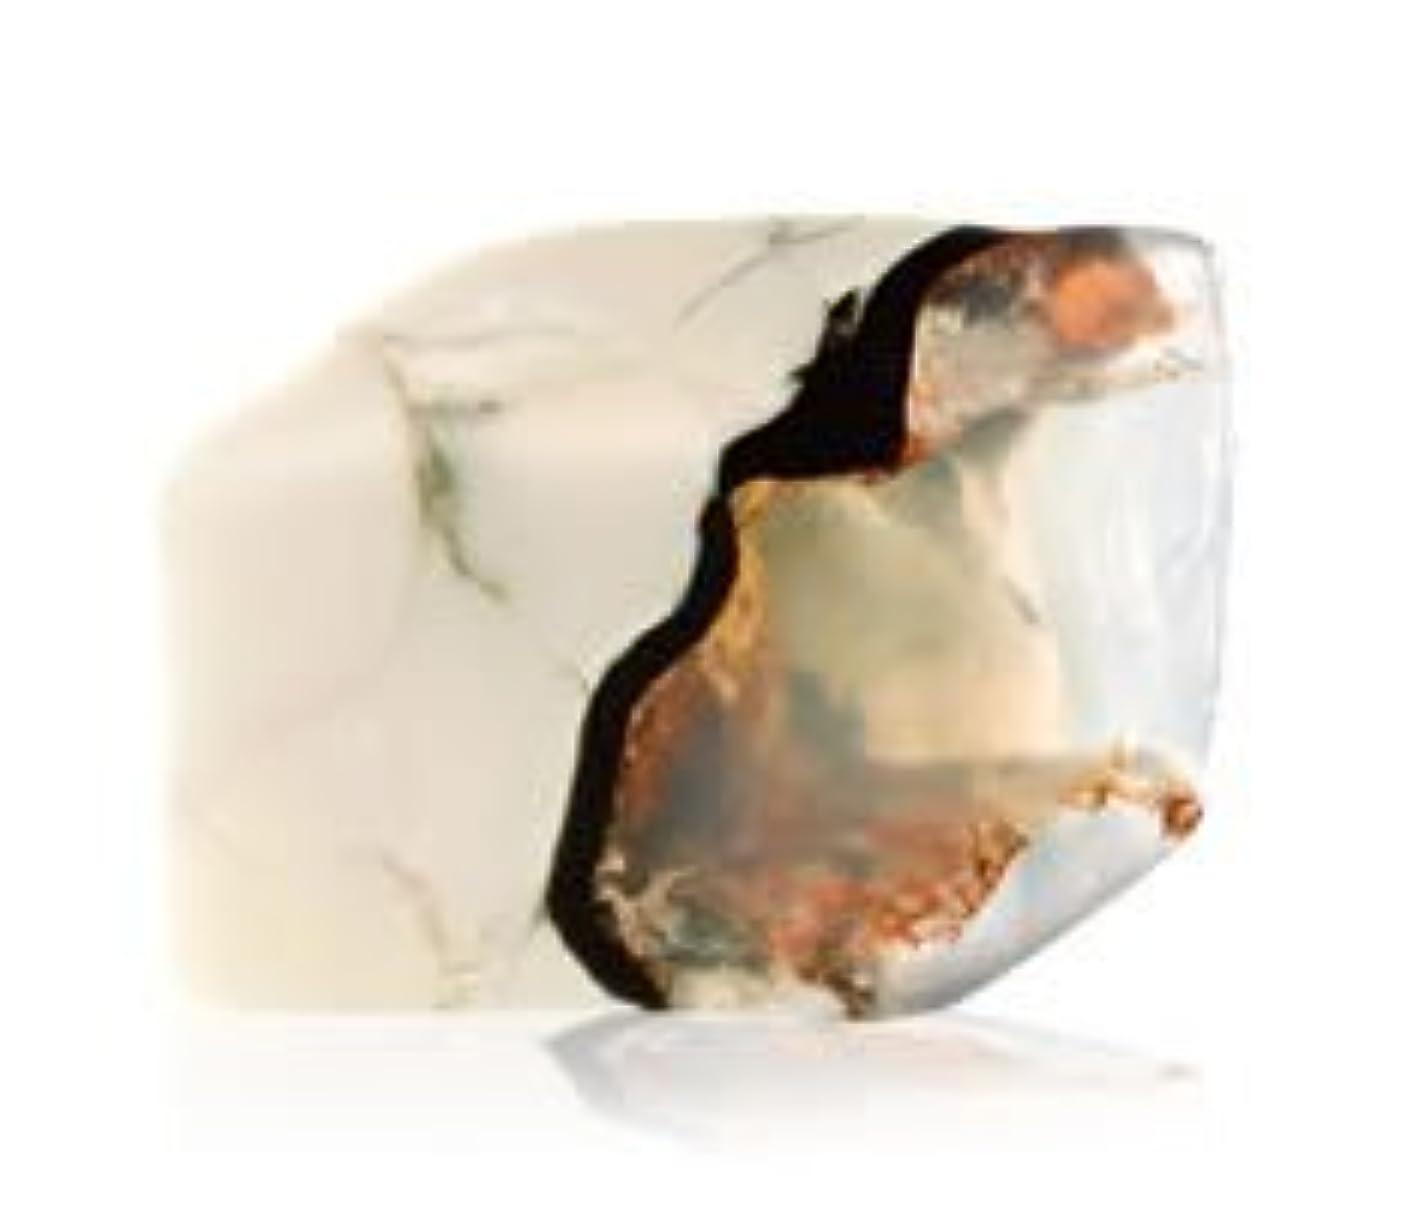 良心的エイズタイピストSavons Gemme サボンジェム 世界で一番美しい宝石石鹸 フレグランスソープ マーブル 170g